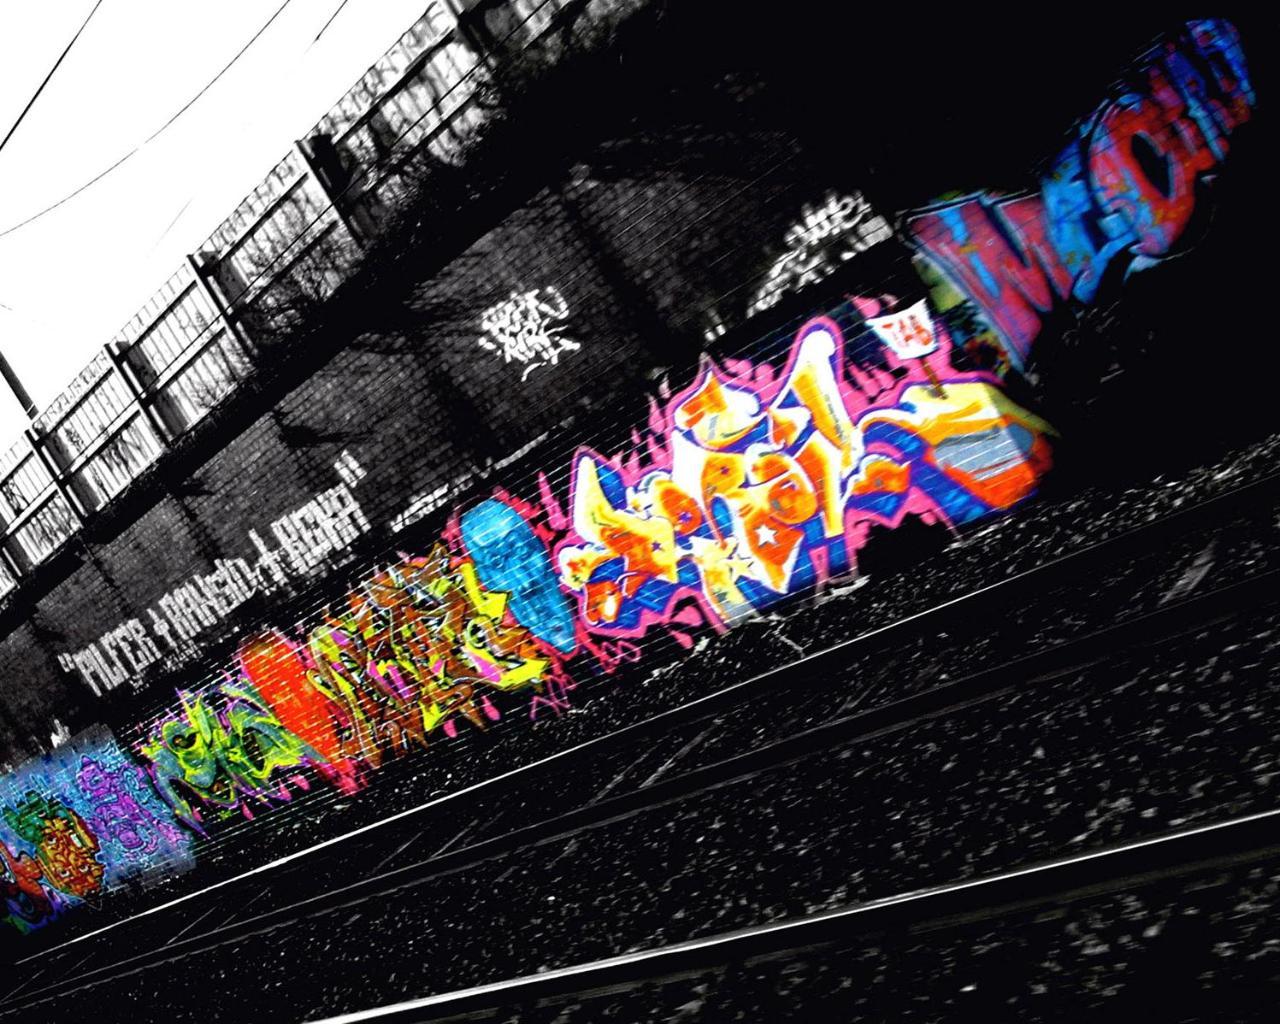 Color in the black graffiti urban art wallpaper 1280x1024